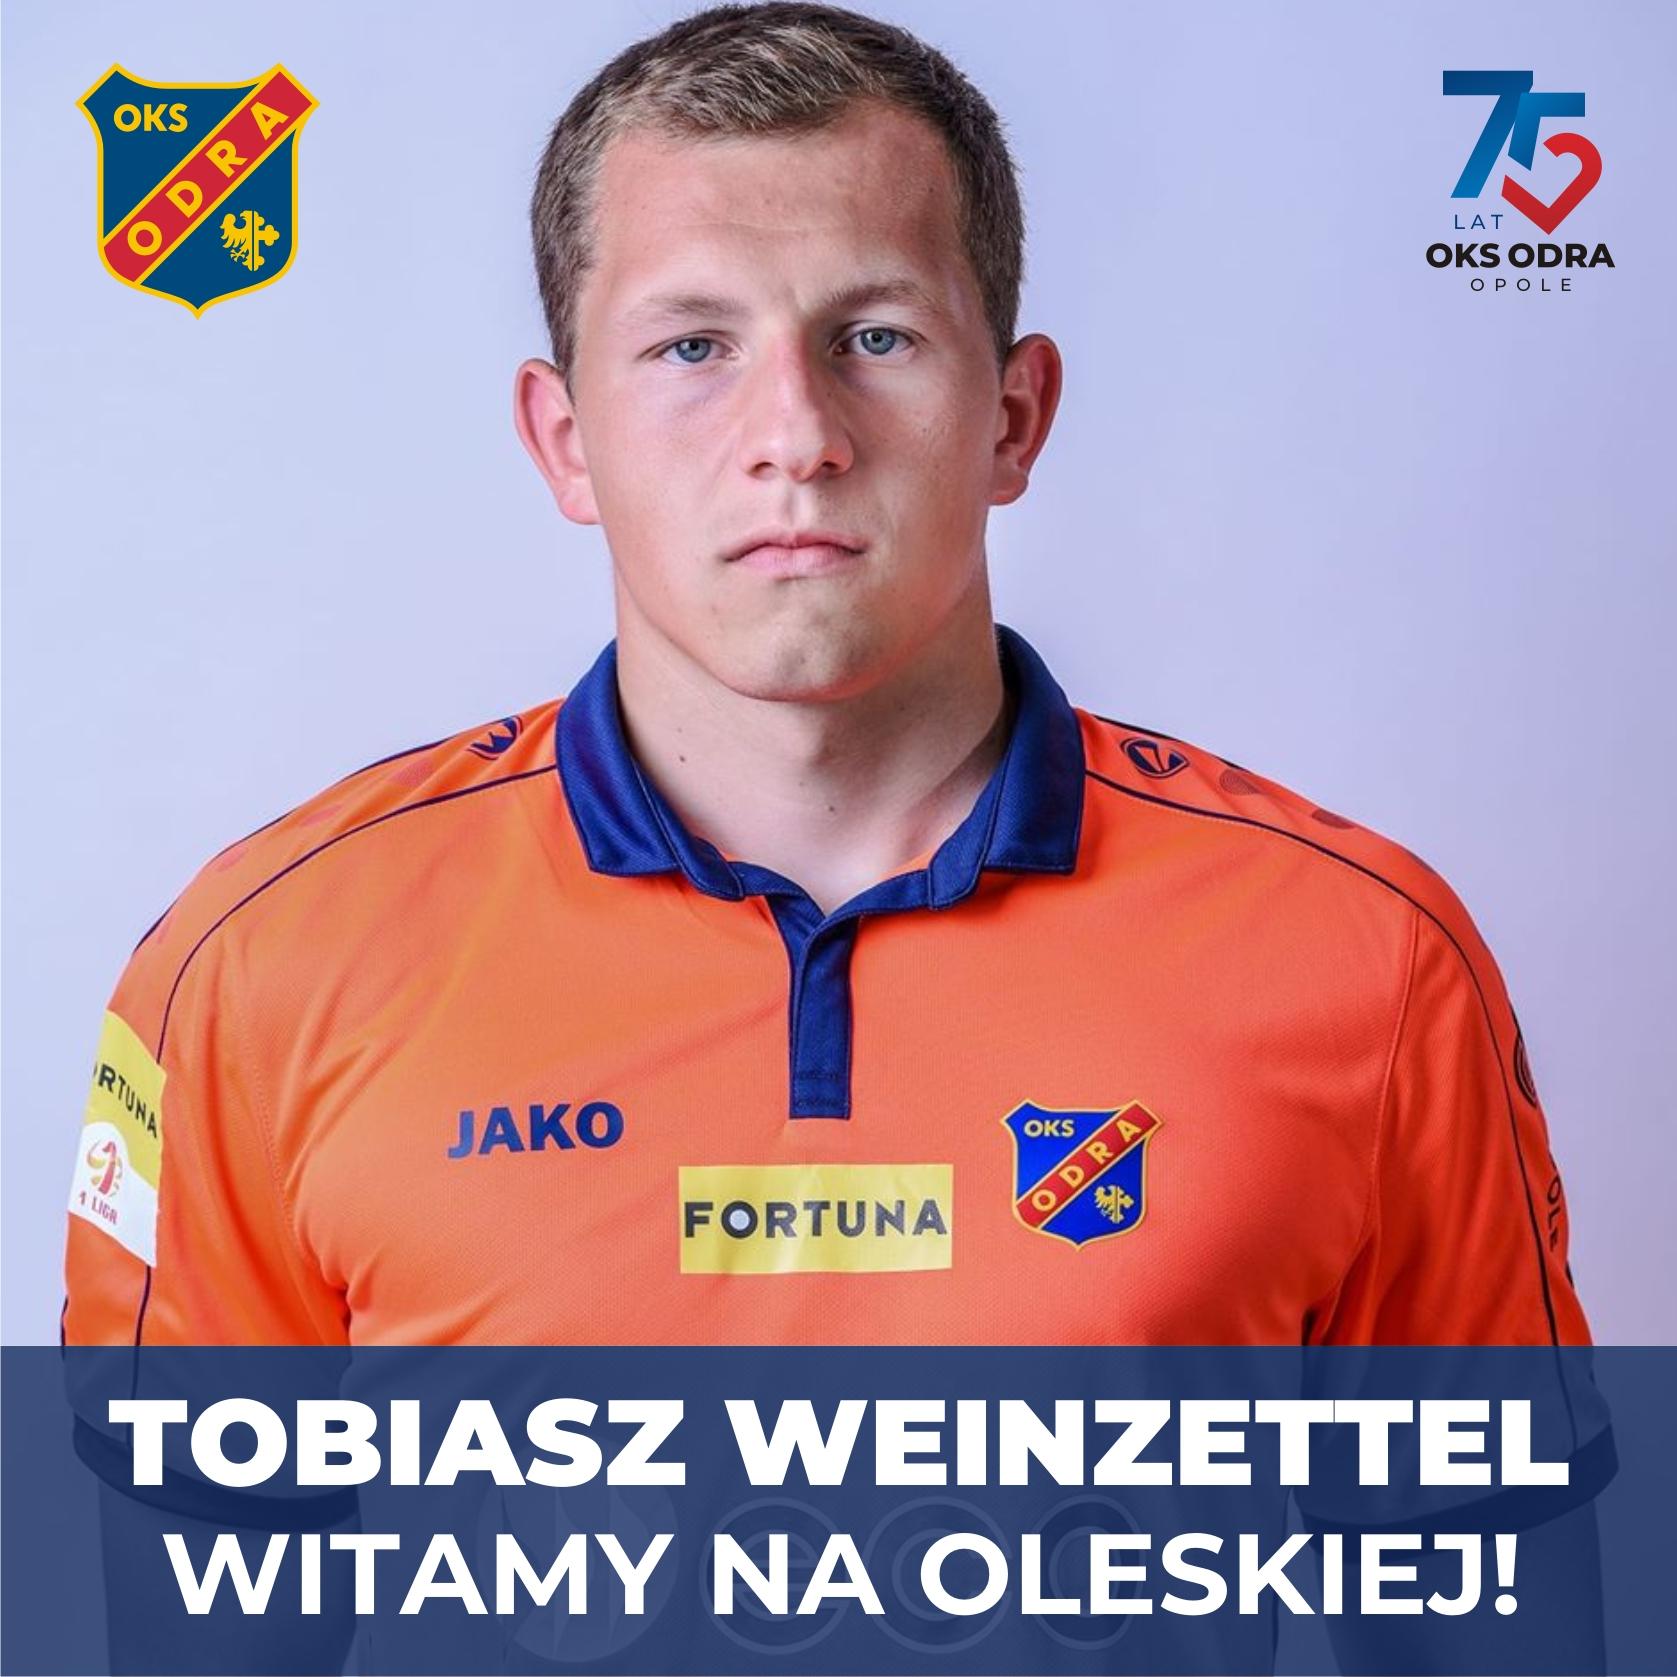 Tobiasz Weinzettel ponownie przy Oleskiej 51!